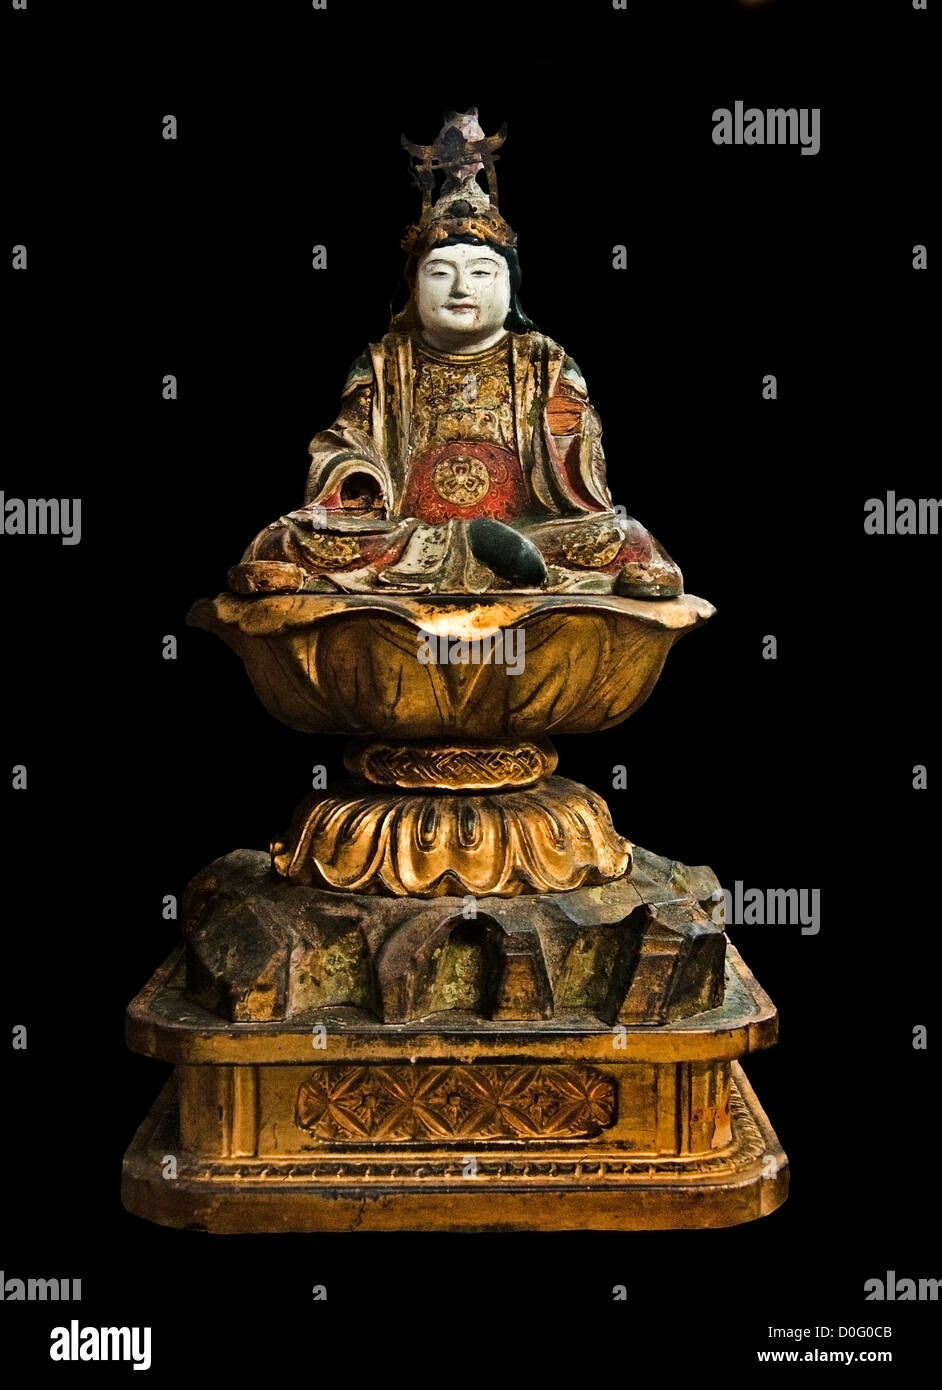 Bois doré et Kwannon 11e - 13e siècle Japon Photo Stock